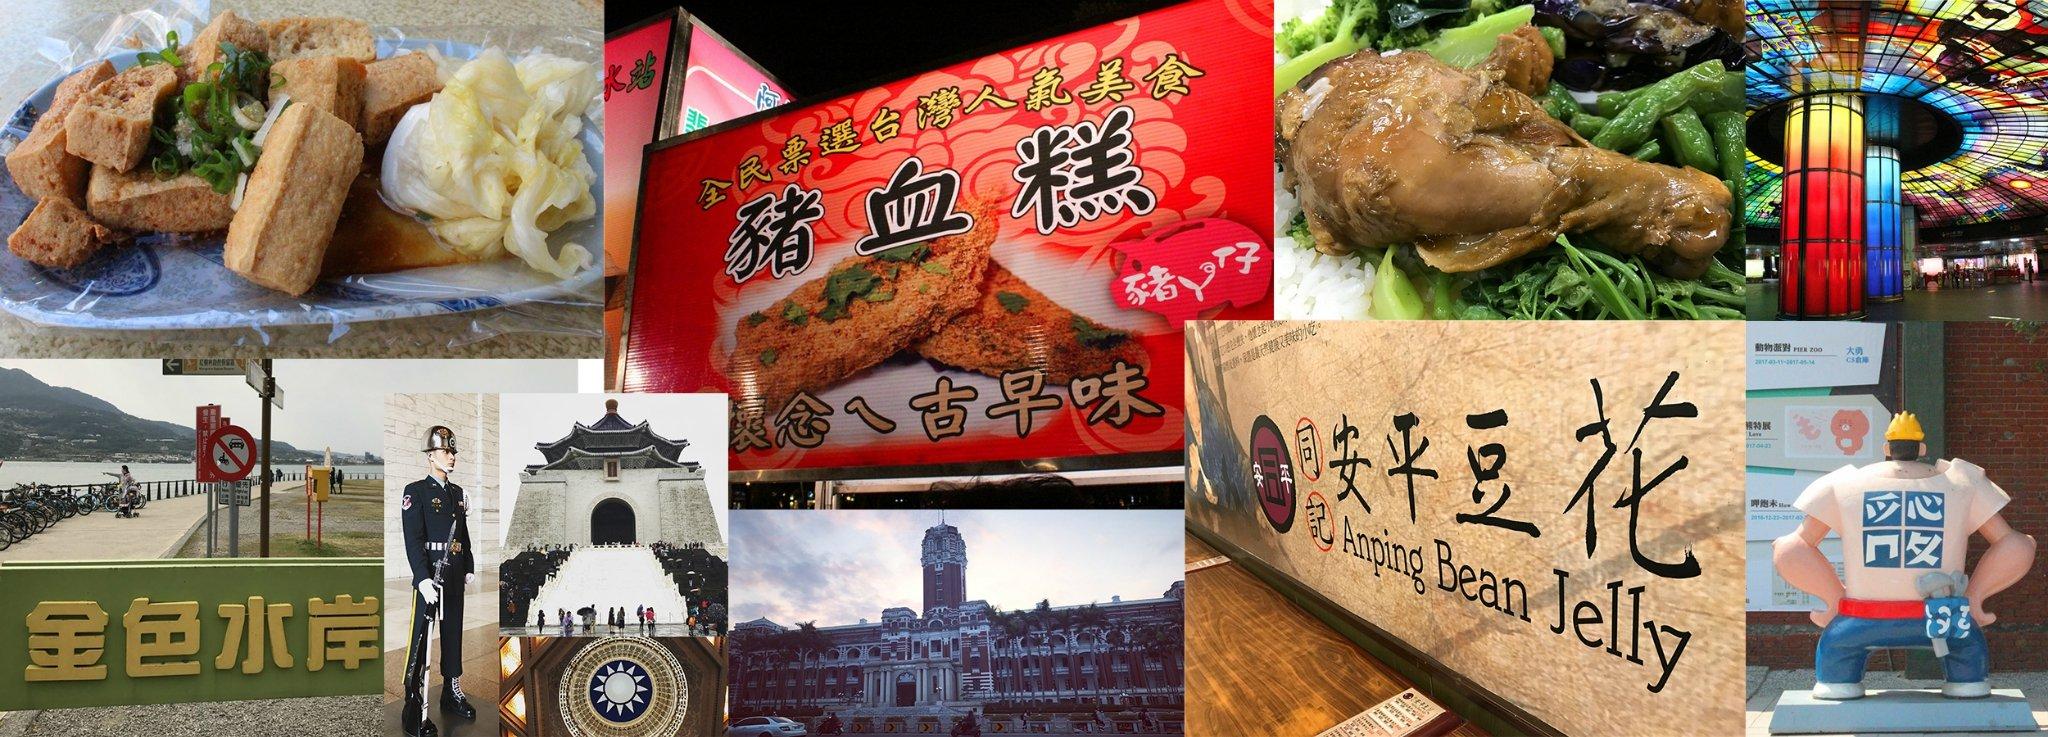 吃货又来啃台湾~带着老婆一路向南,再回台北!